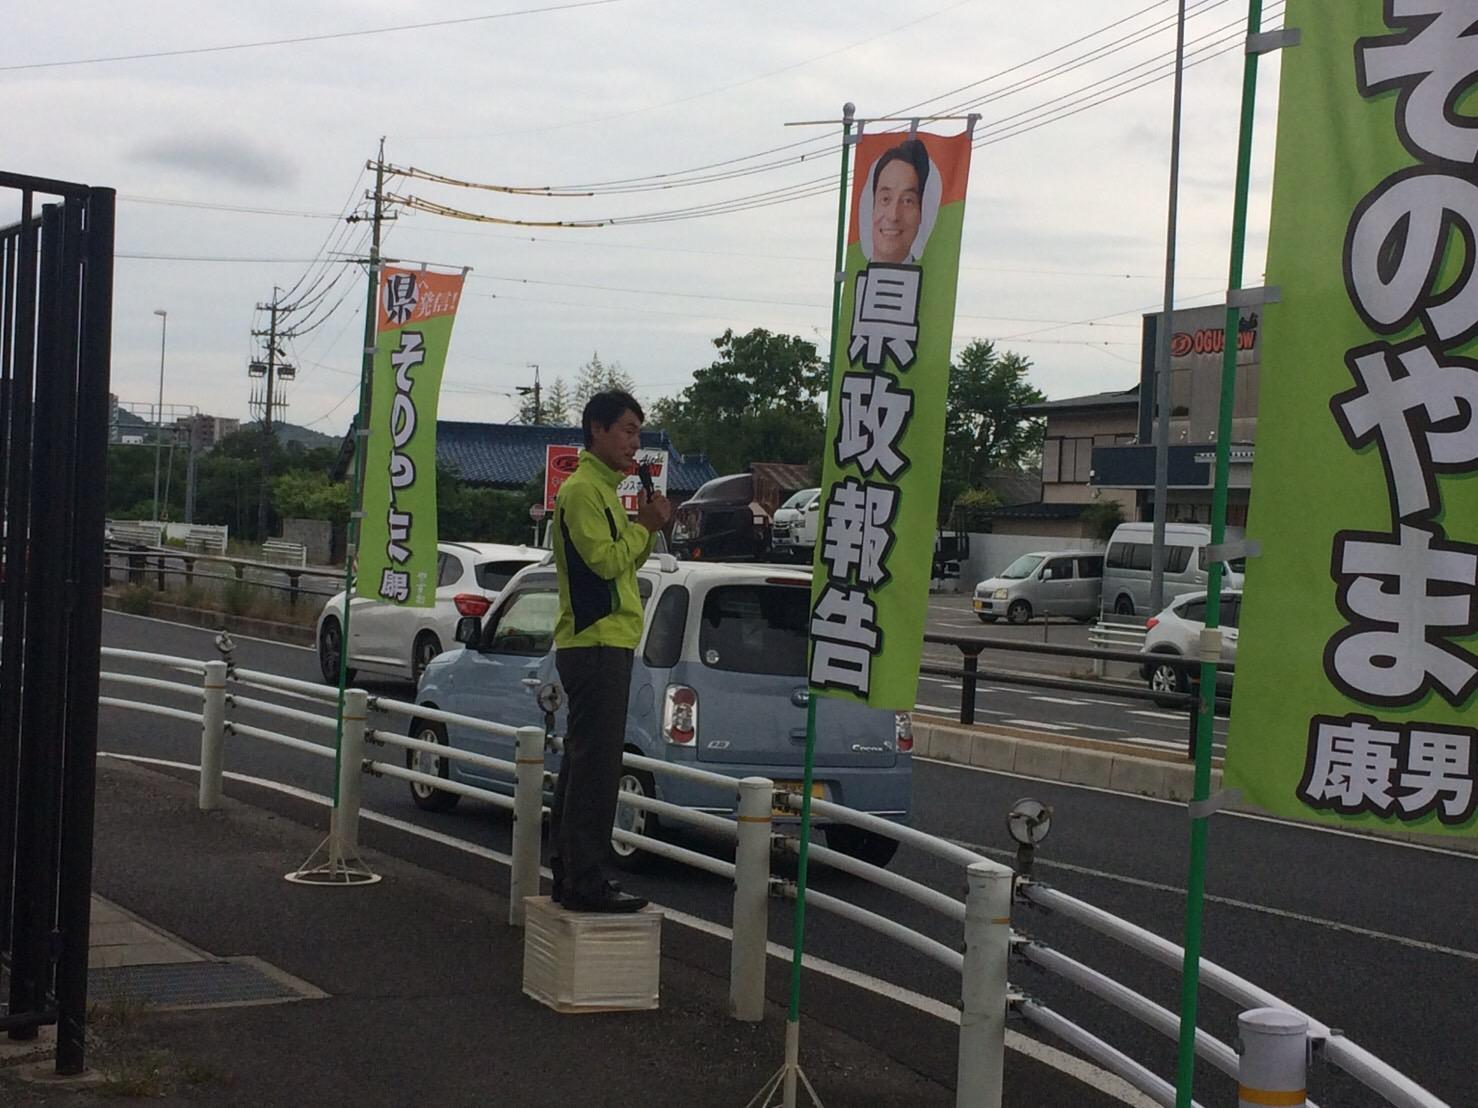 タートです 雨がポツリポツリと降ってきました 愛知県は次世代の自動車産業の育成に力を入れています ものづくり王国 愛知県は常に技術開発を求められています